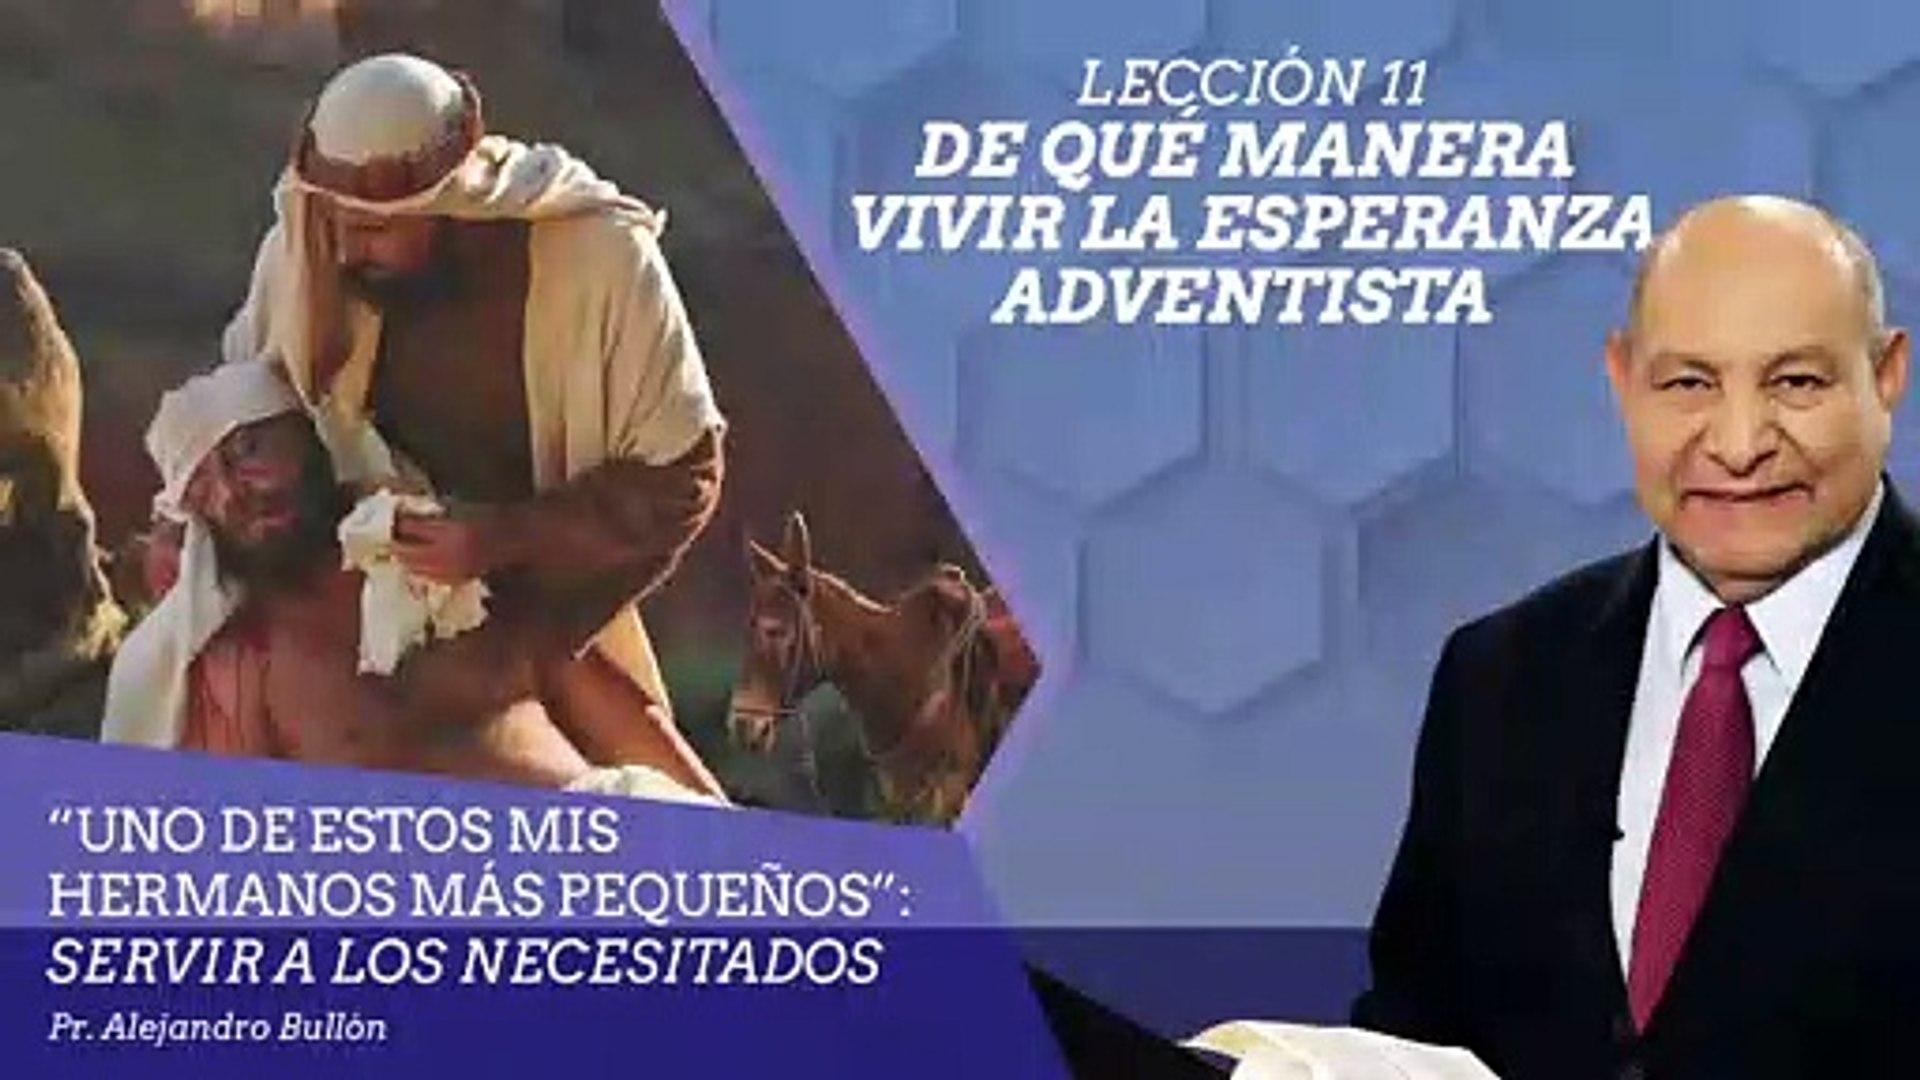 Leccion 11: De que manera vivir la esperanza adventista - Ptr. Alejandro Bullon